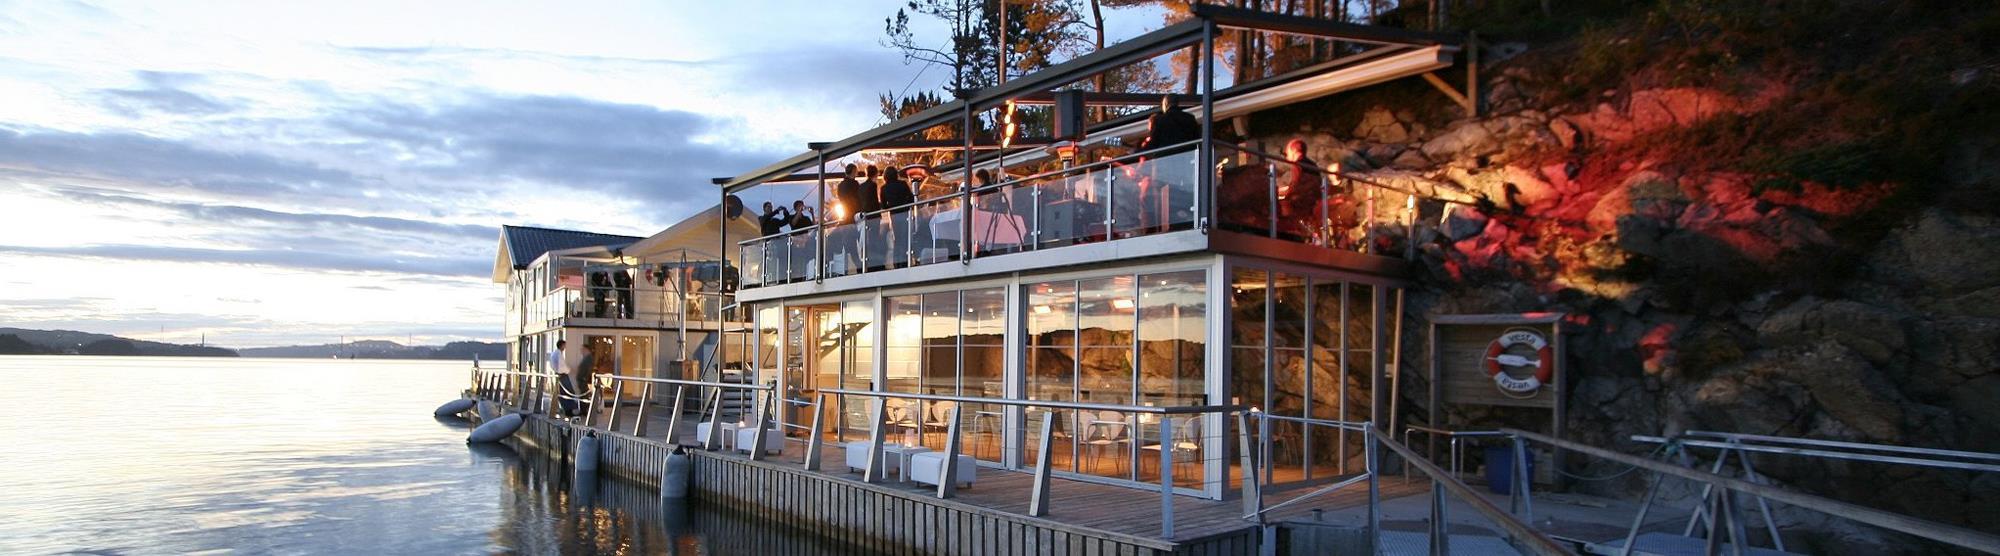 Restaurants in Bergen